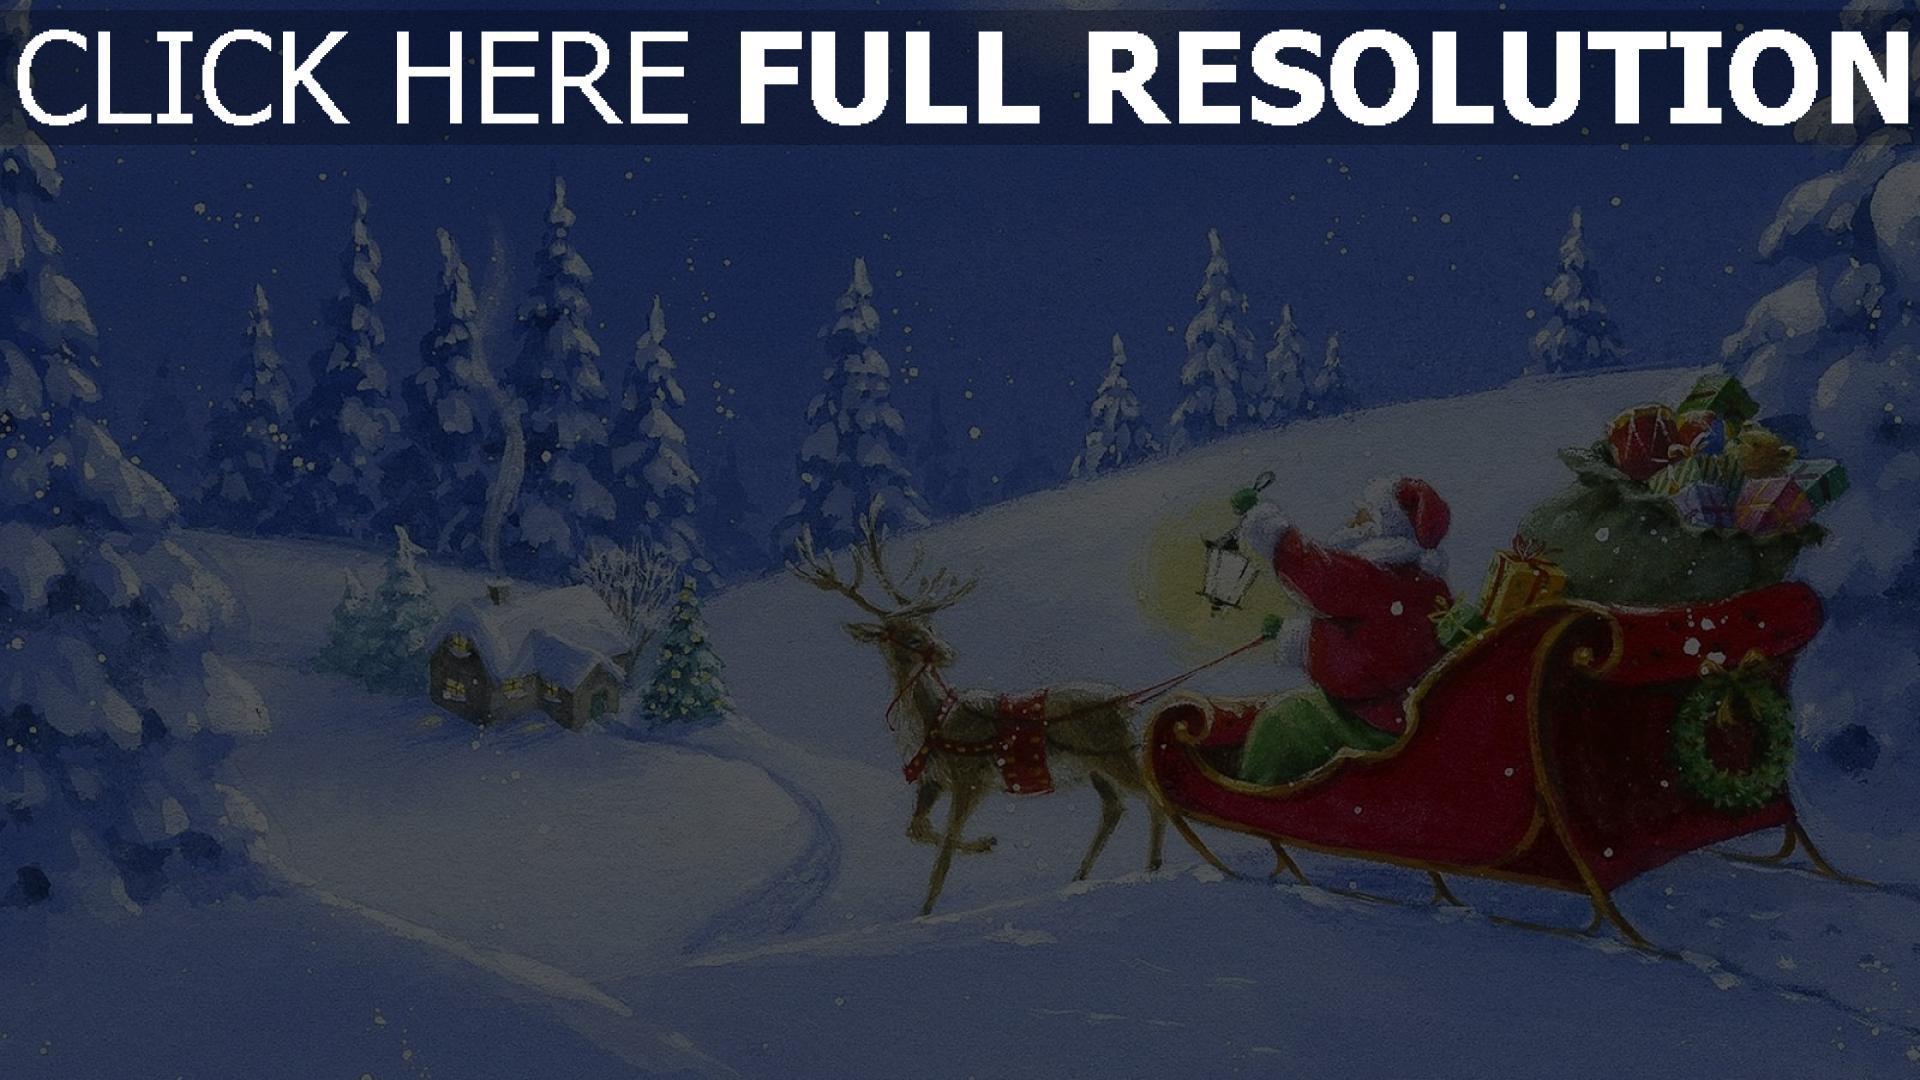 hd hintergrundbilder schlitten wald rentier weihnachtsmann geschenke licht nacht haus mond 1920x1080